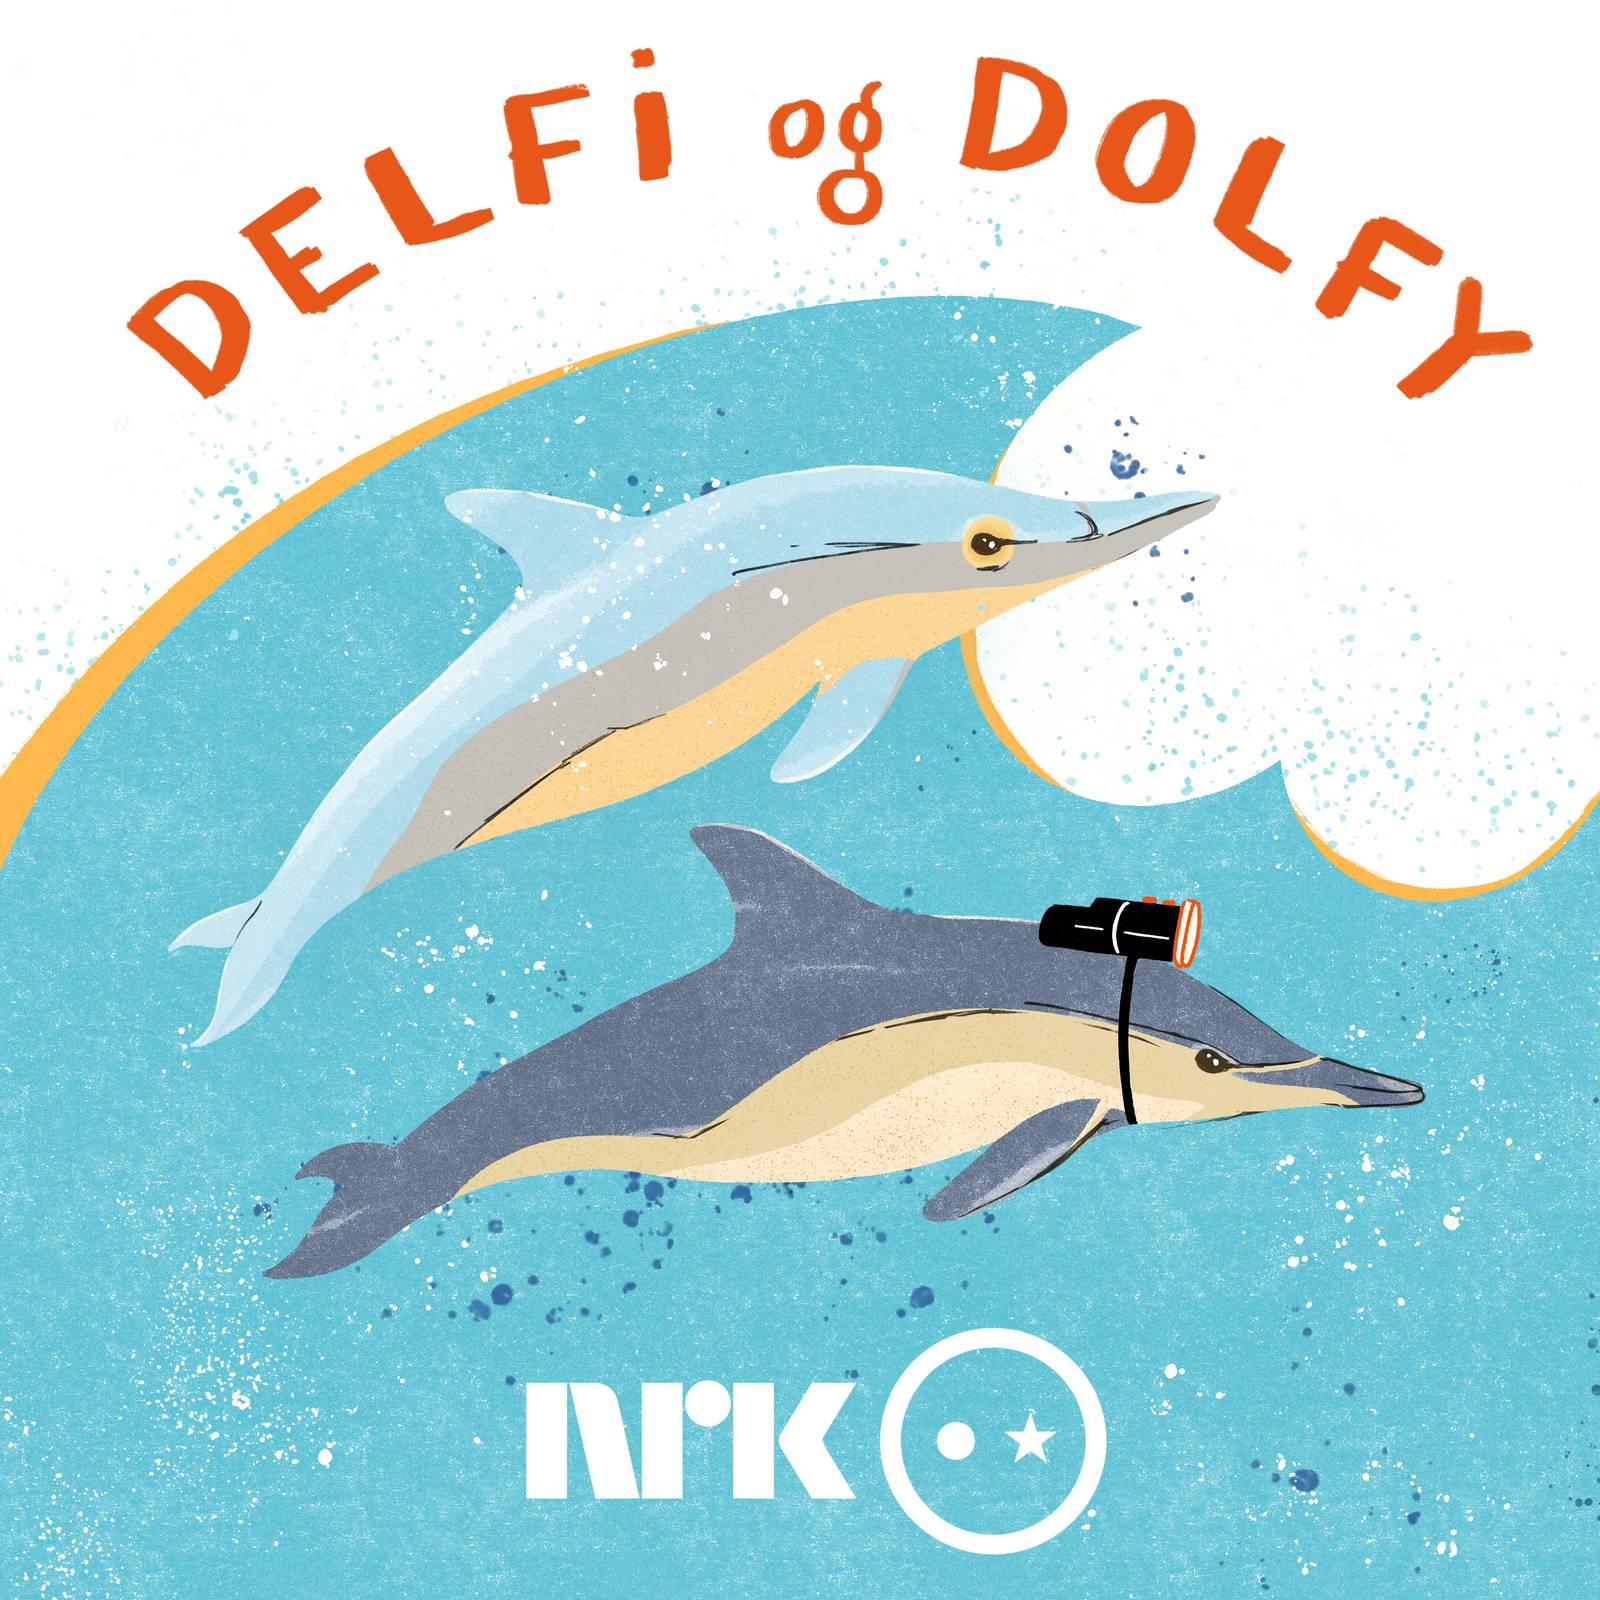 Delfi og Dolfy